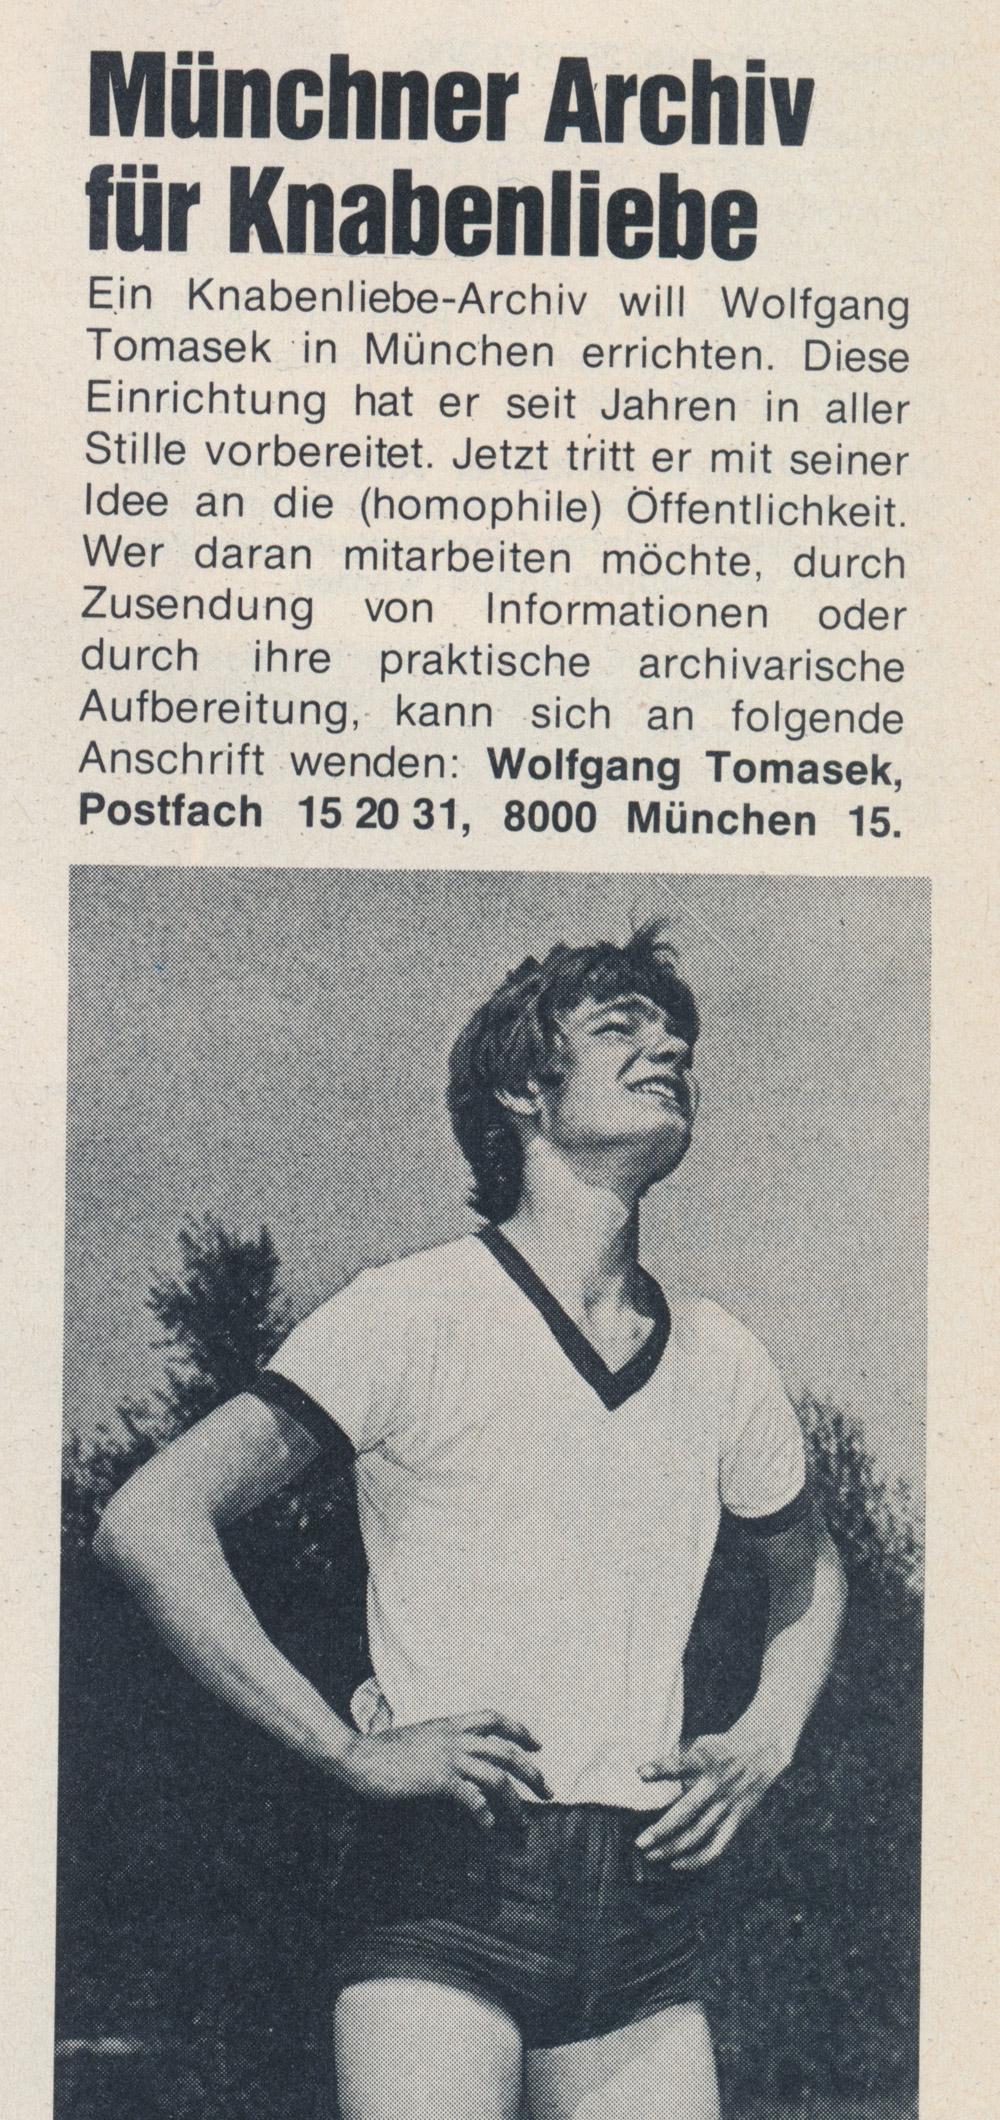 Du & Ich Nr 3, 1979: Münchner Archiv für Knabenliebe